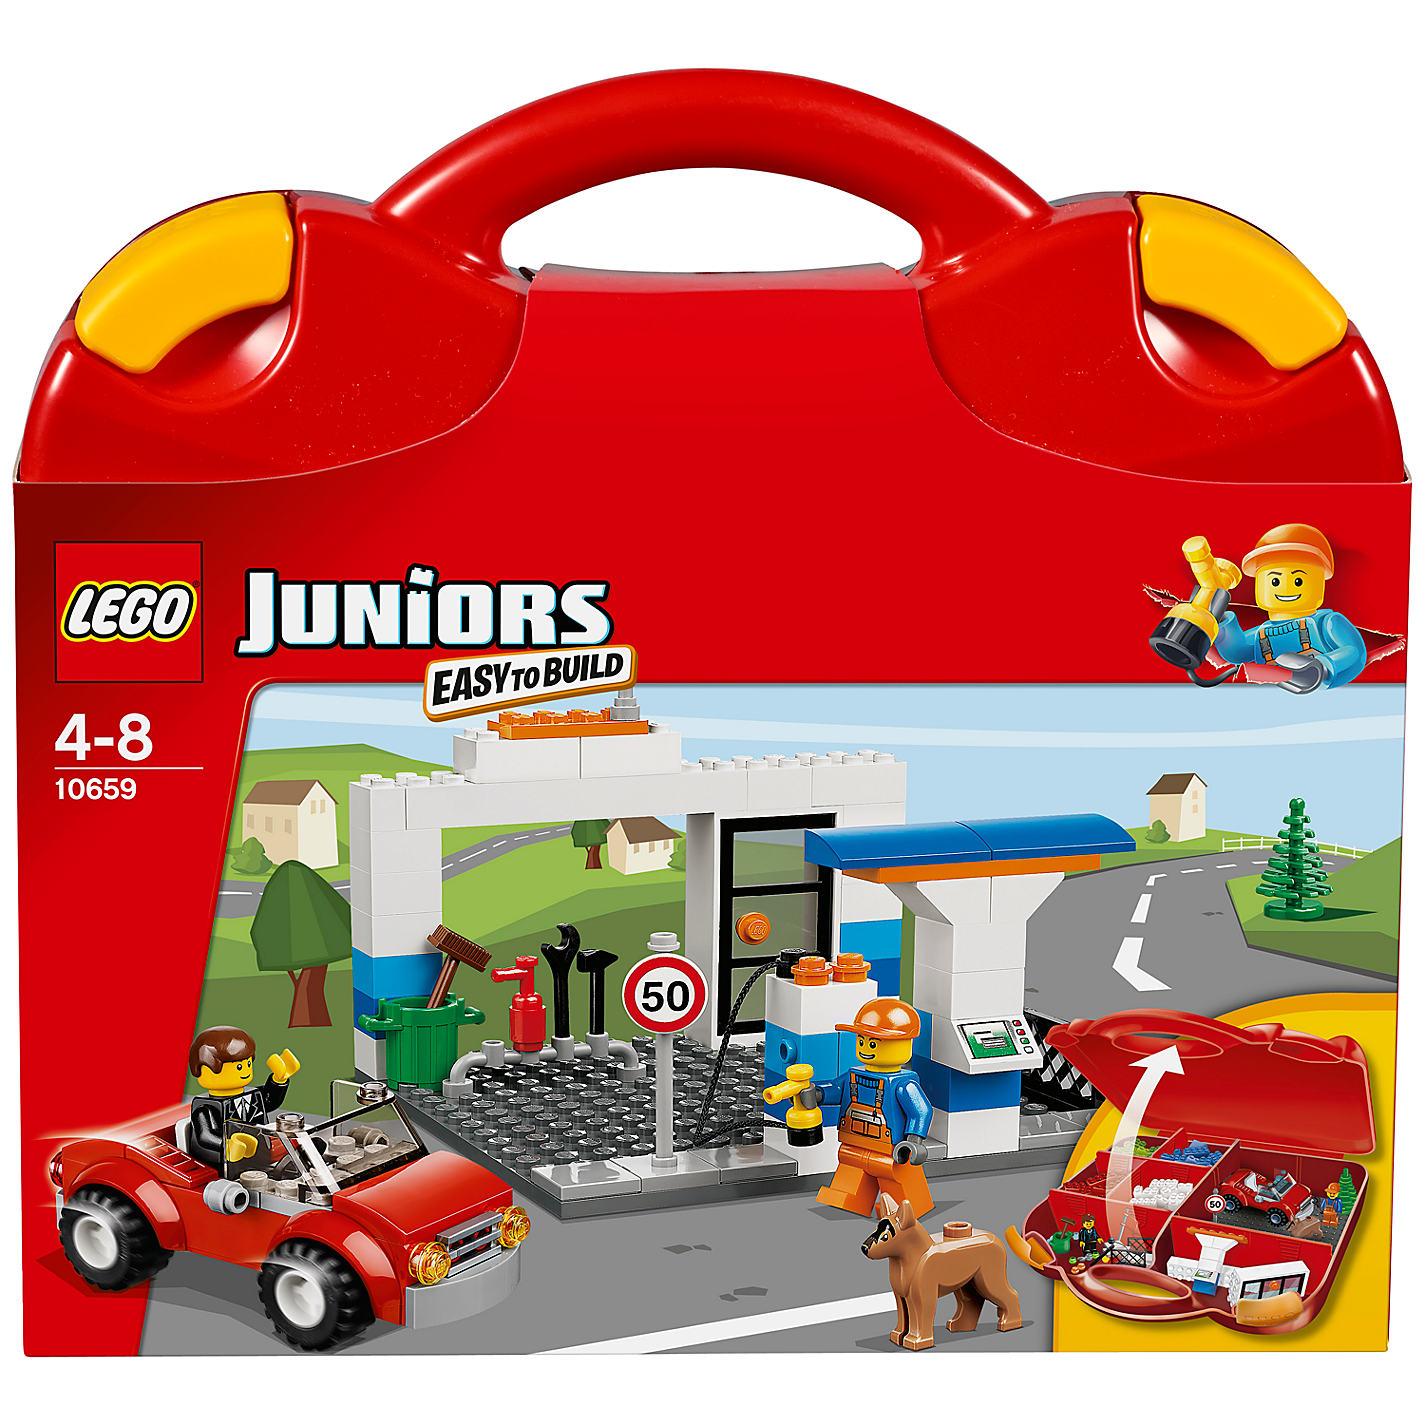 080814 lego junior